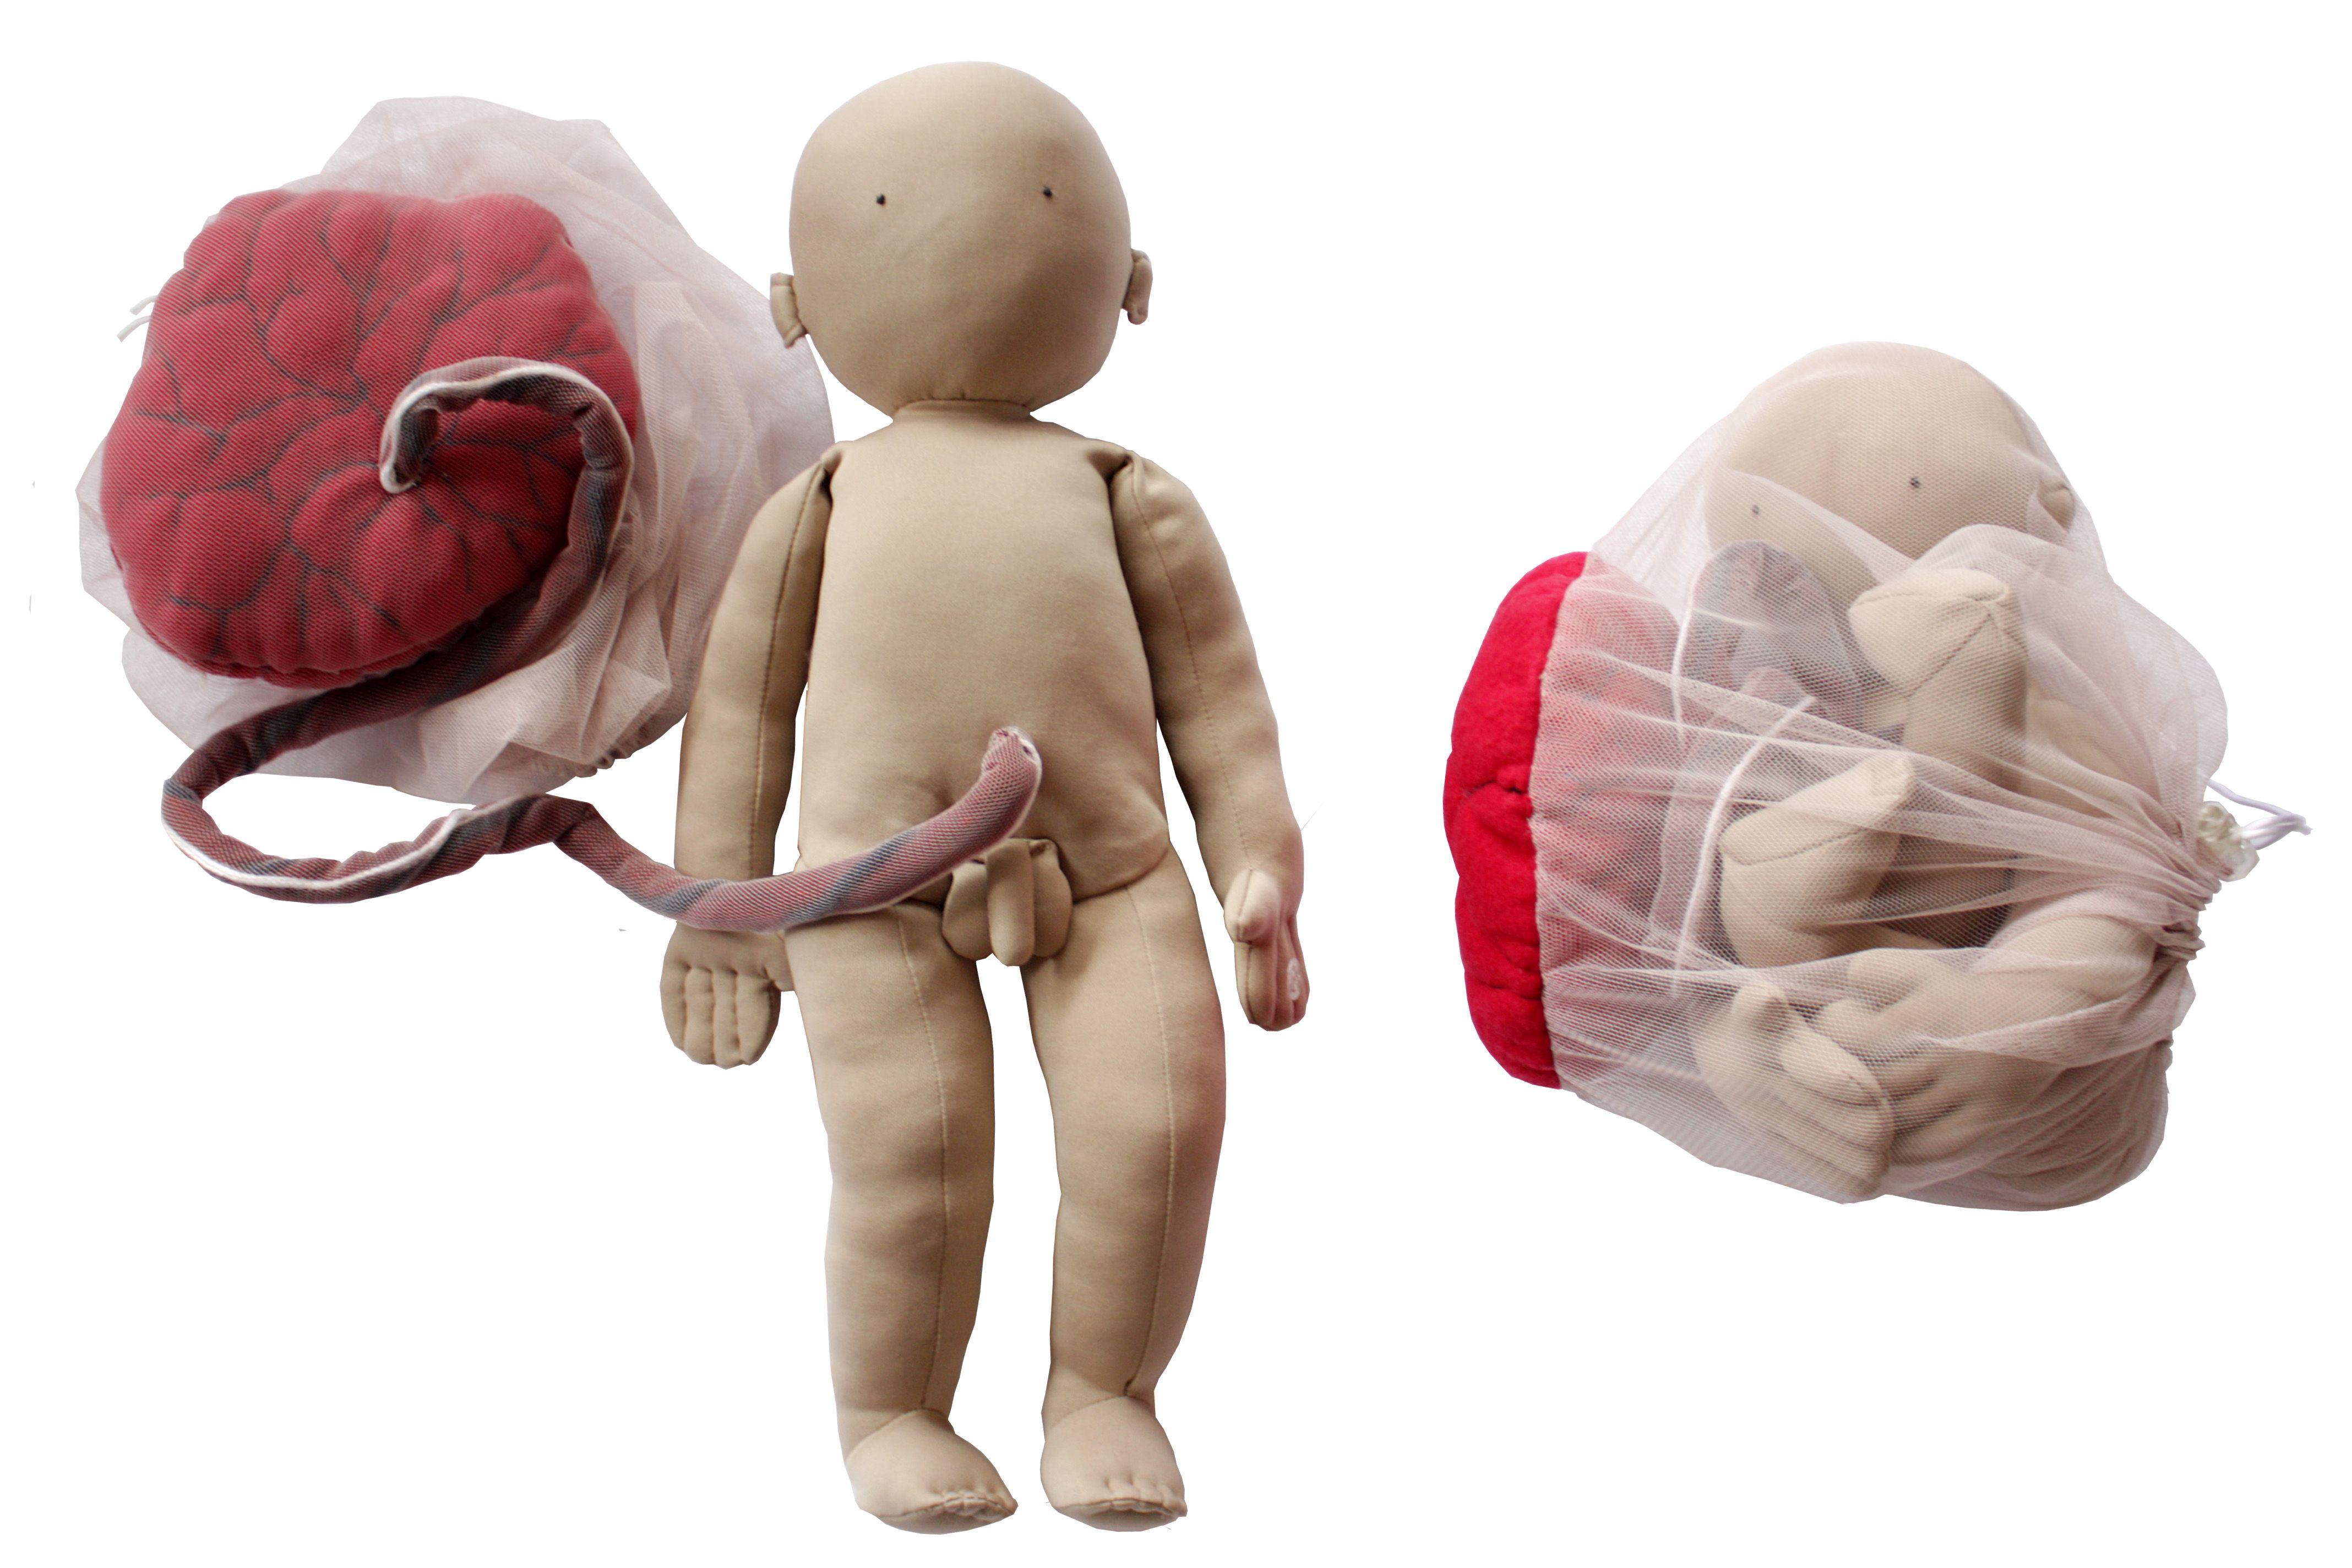 Muñeco de tela de aprendizaje, con placenta y saco amniótico. El ...